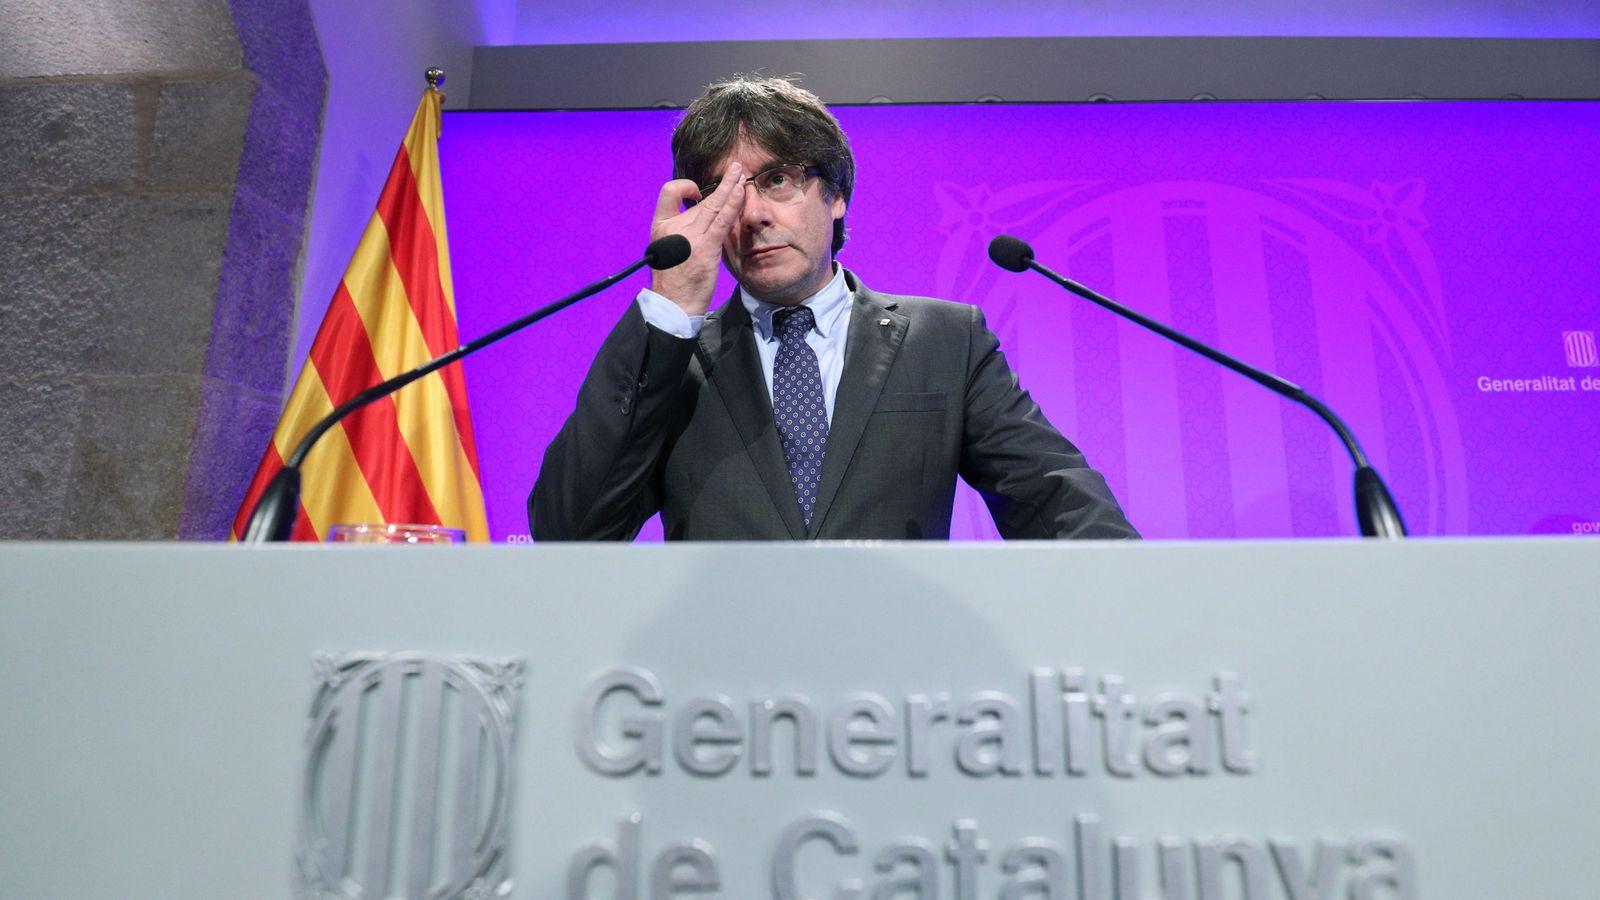 Foto: El presidente de la Generalitat, Carles Puigdemont, este martes en la rueda de prensa ofrecida en la Generalitat. (Reuters)